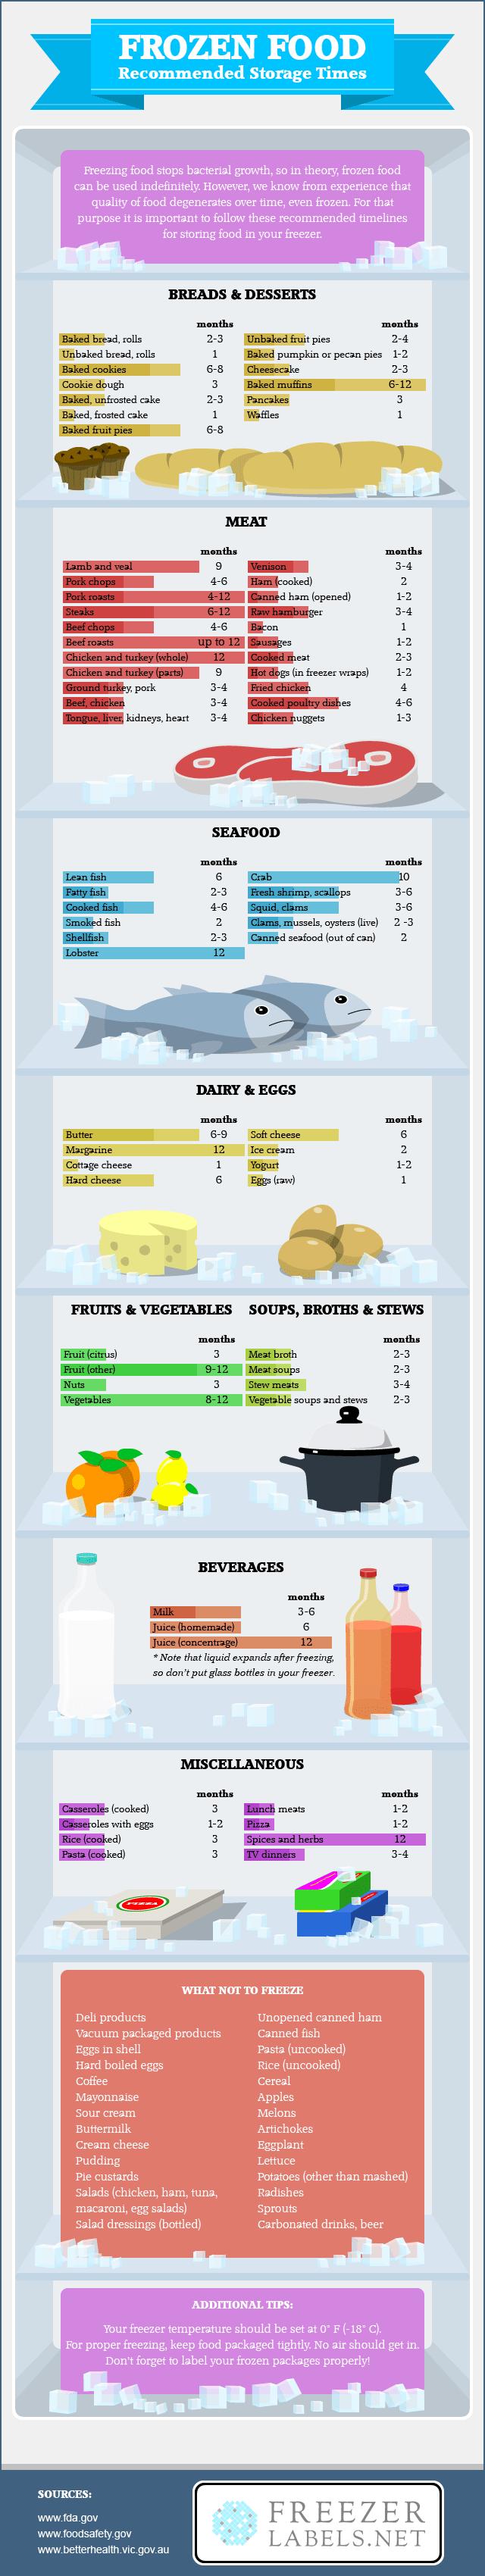 frozen food storage times